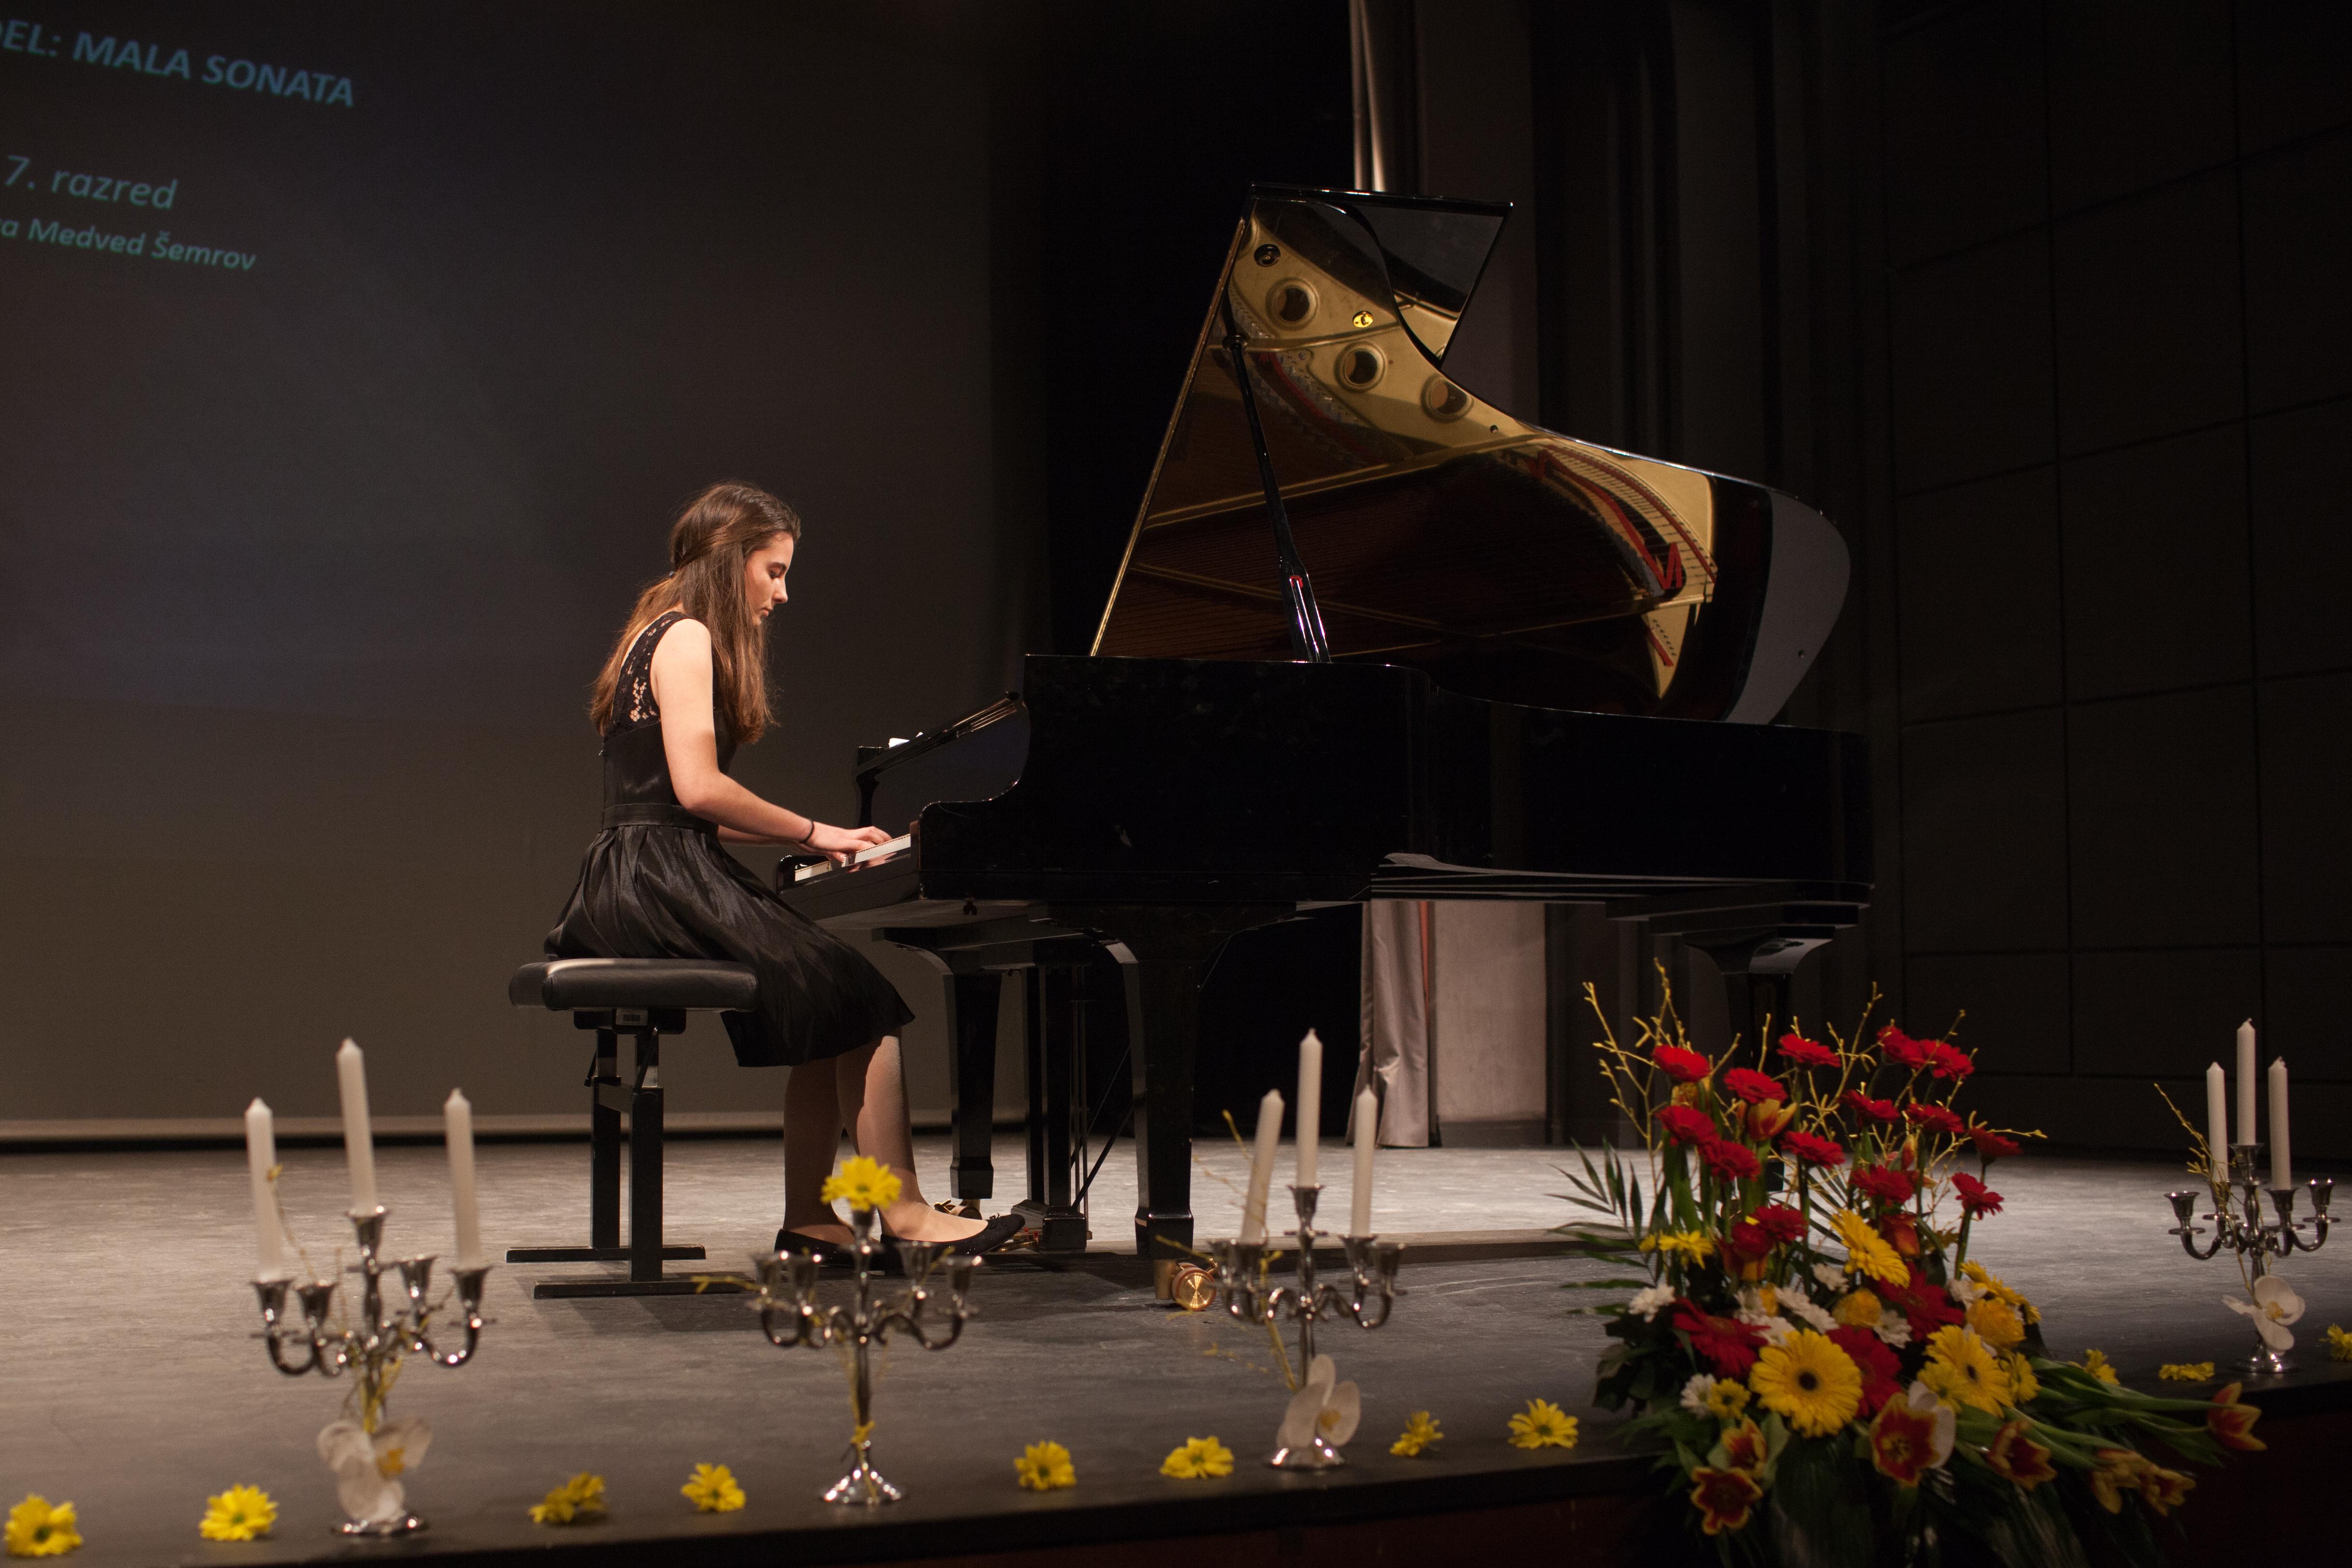 fotonemec_gsd_pianisti-8